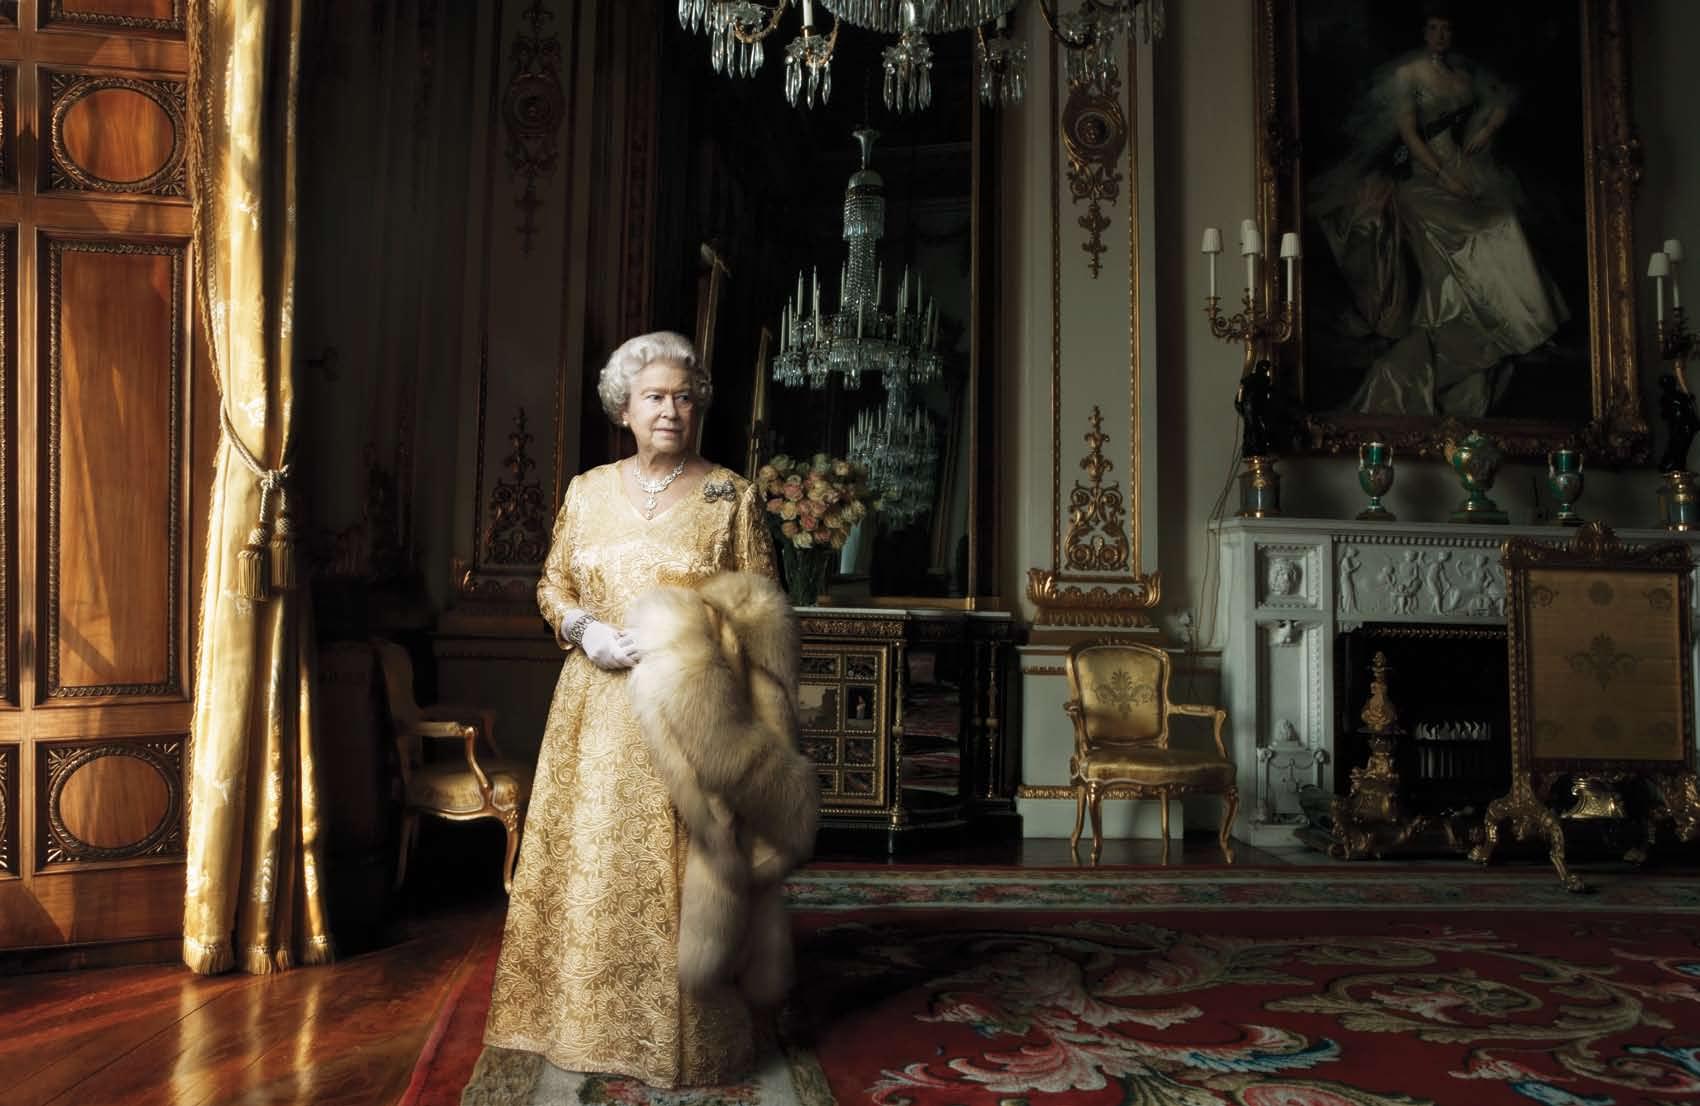 Dalani, Regina Elisabetta, Colori, Outfit, Storia, Record, Compleanno